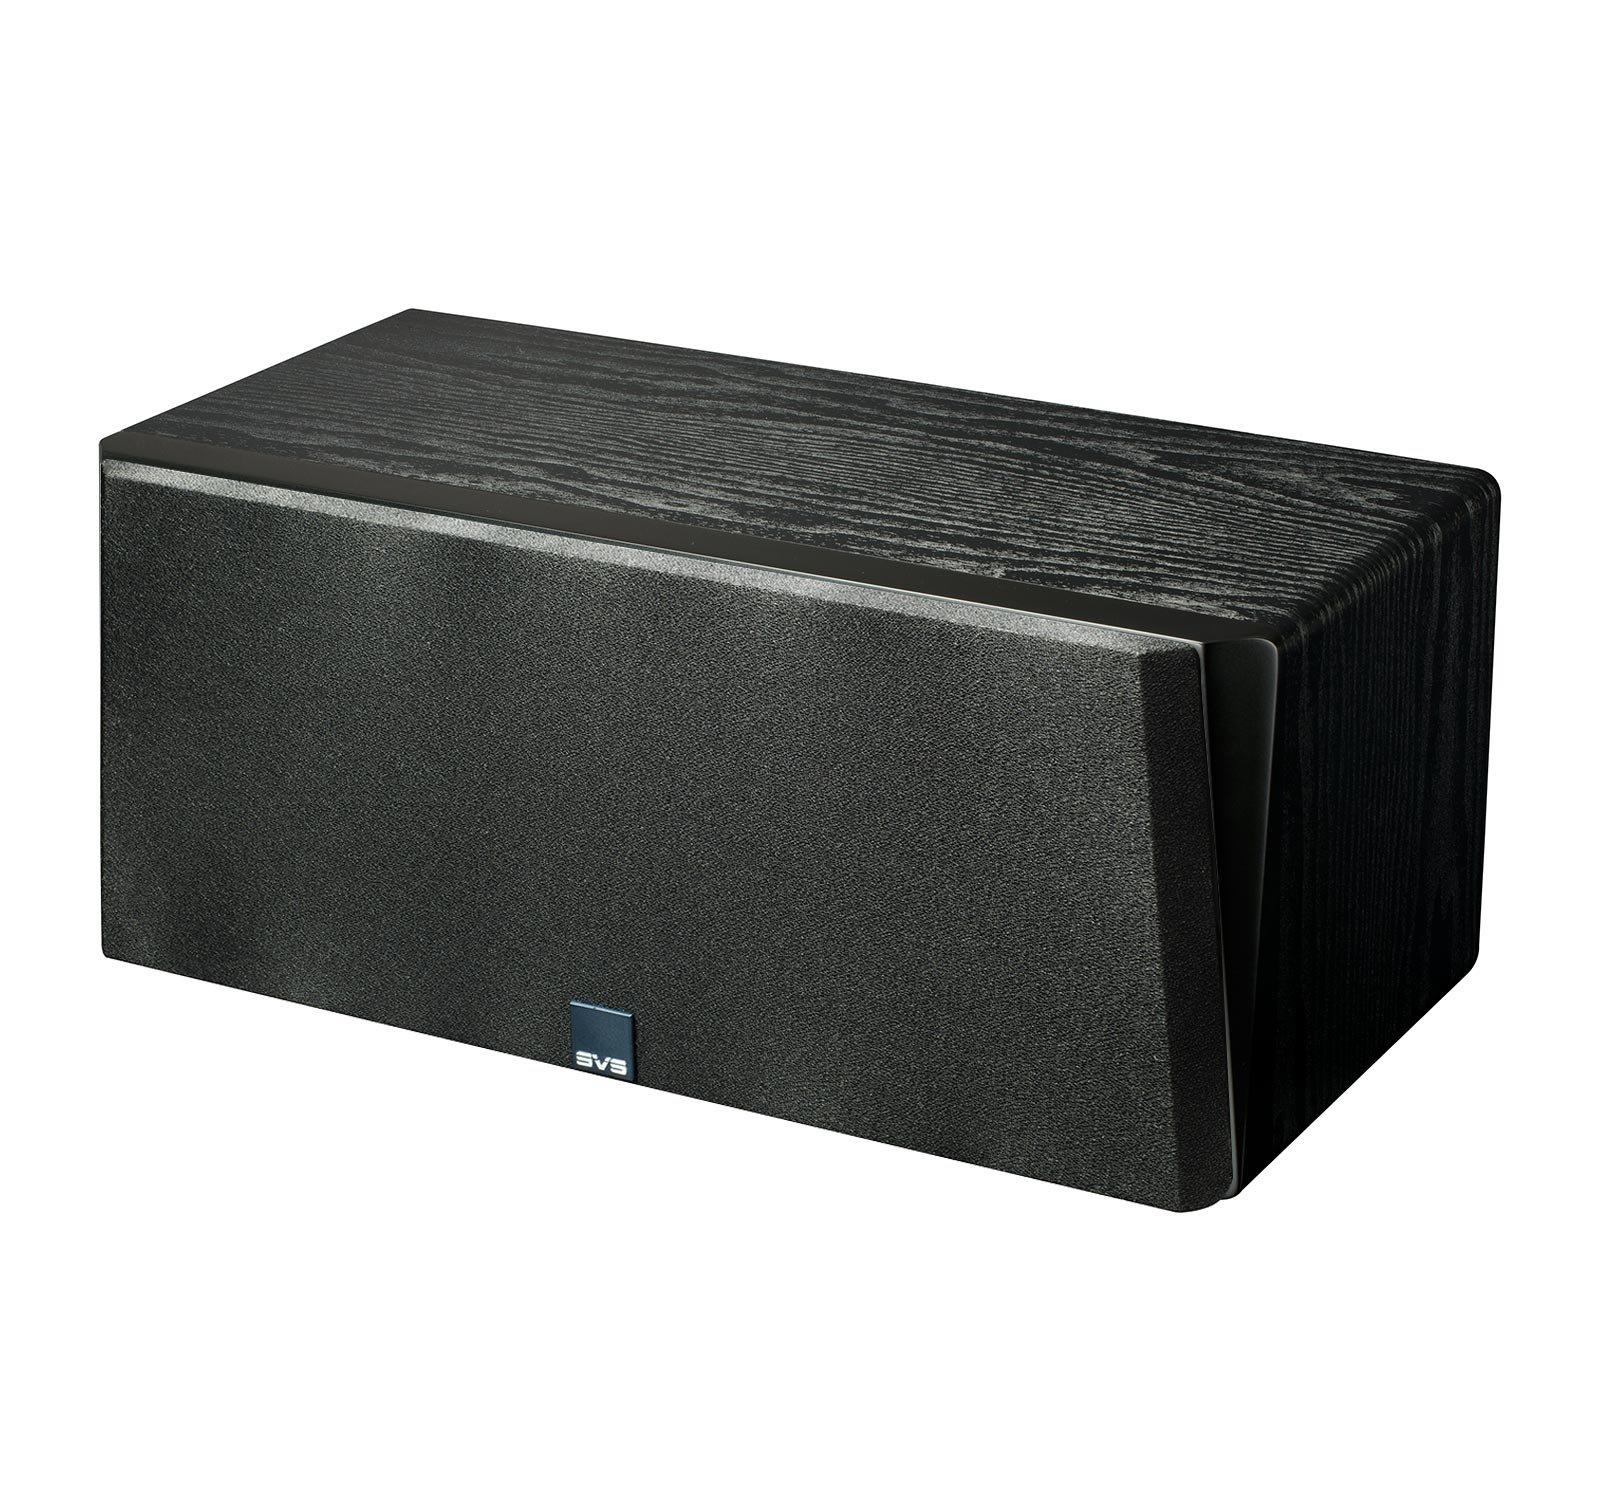 SVS Prime Center Speaker - Premium Black Ash by SVS